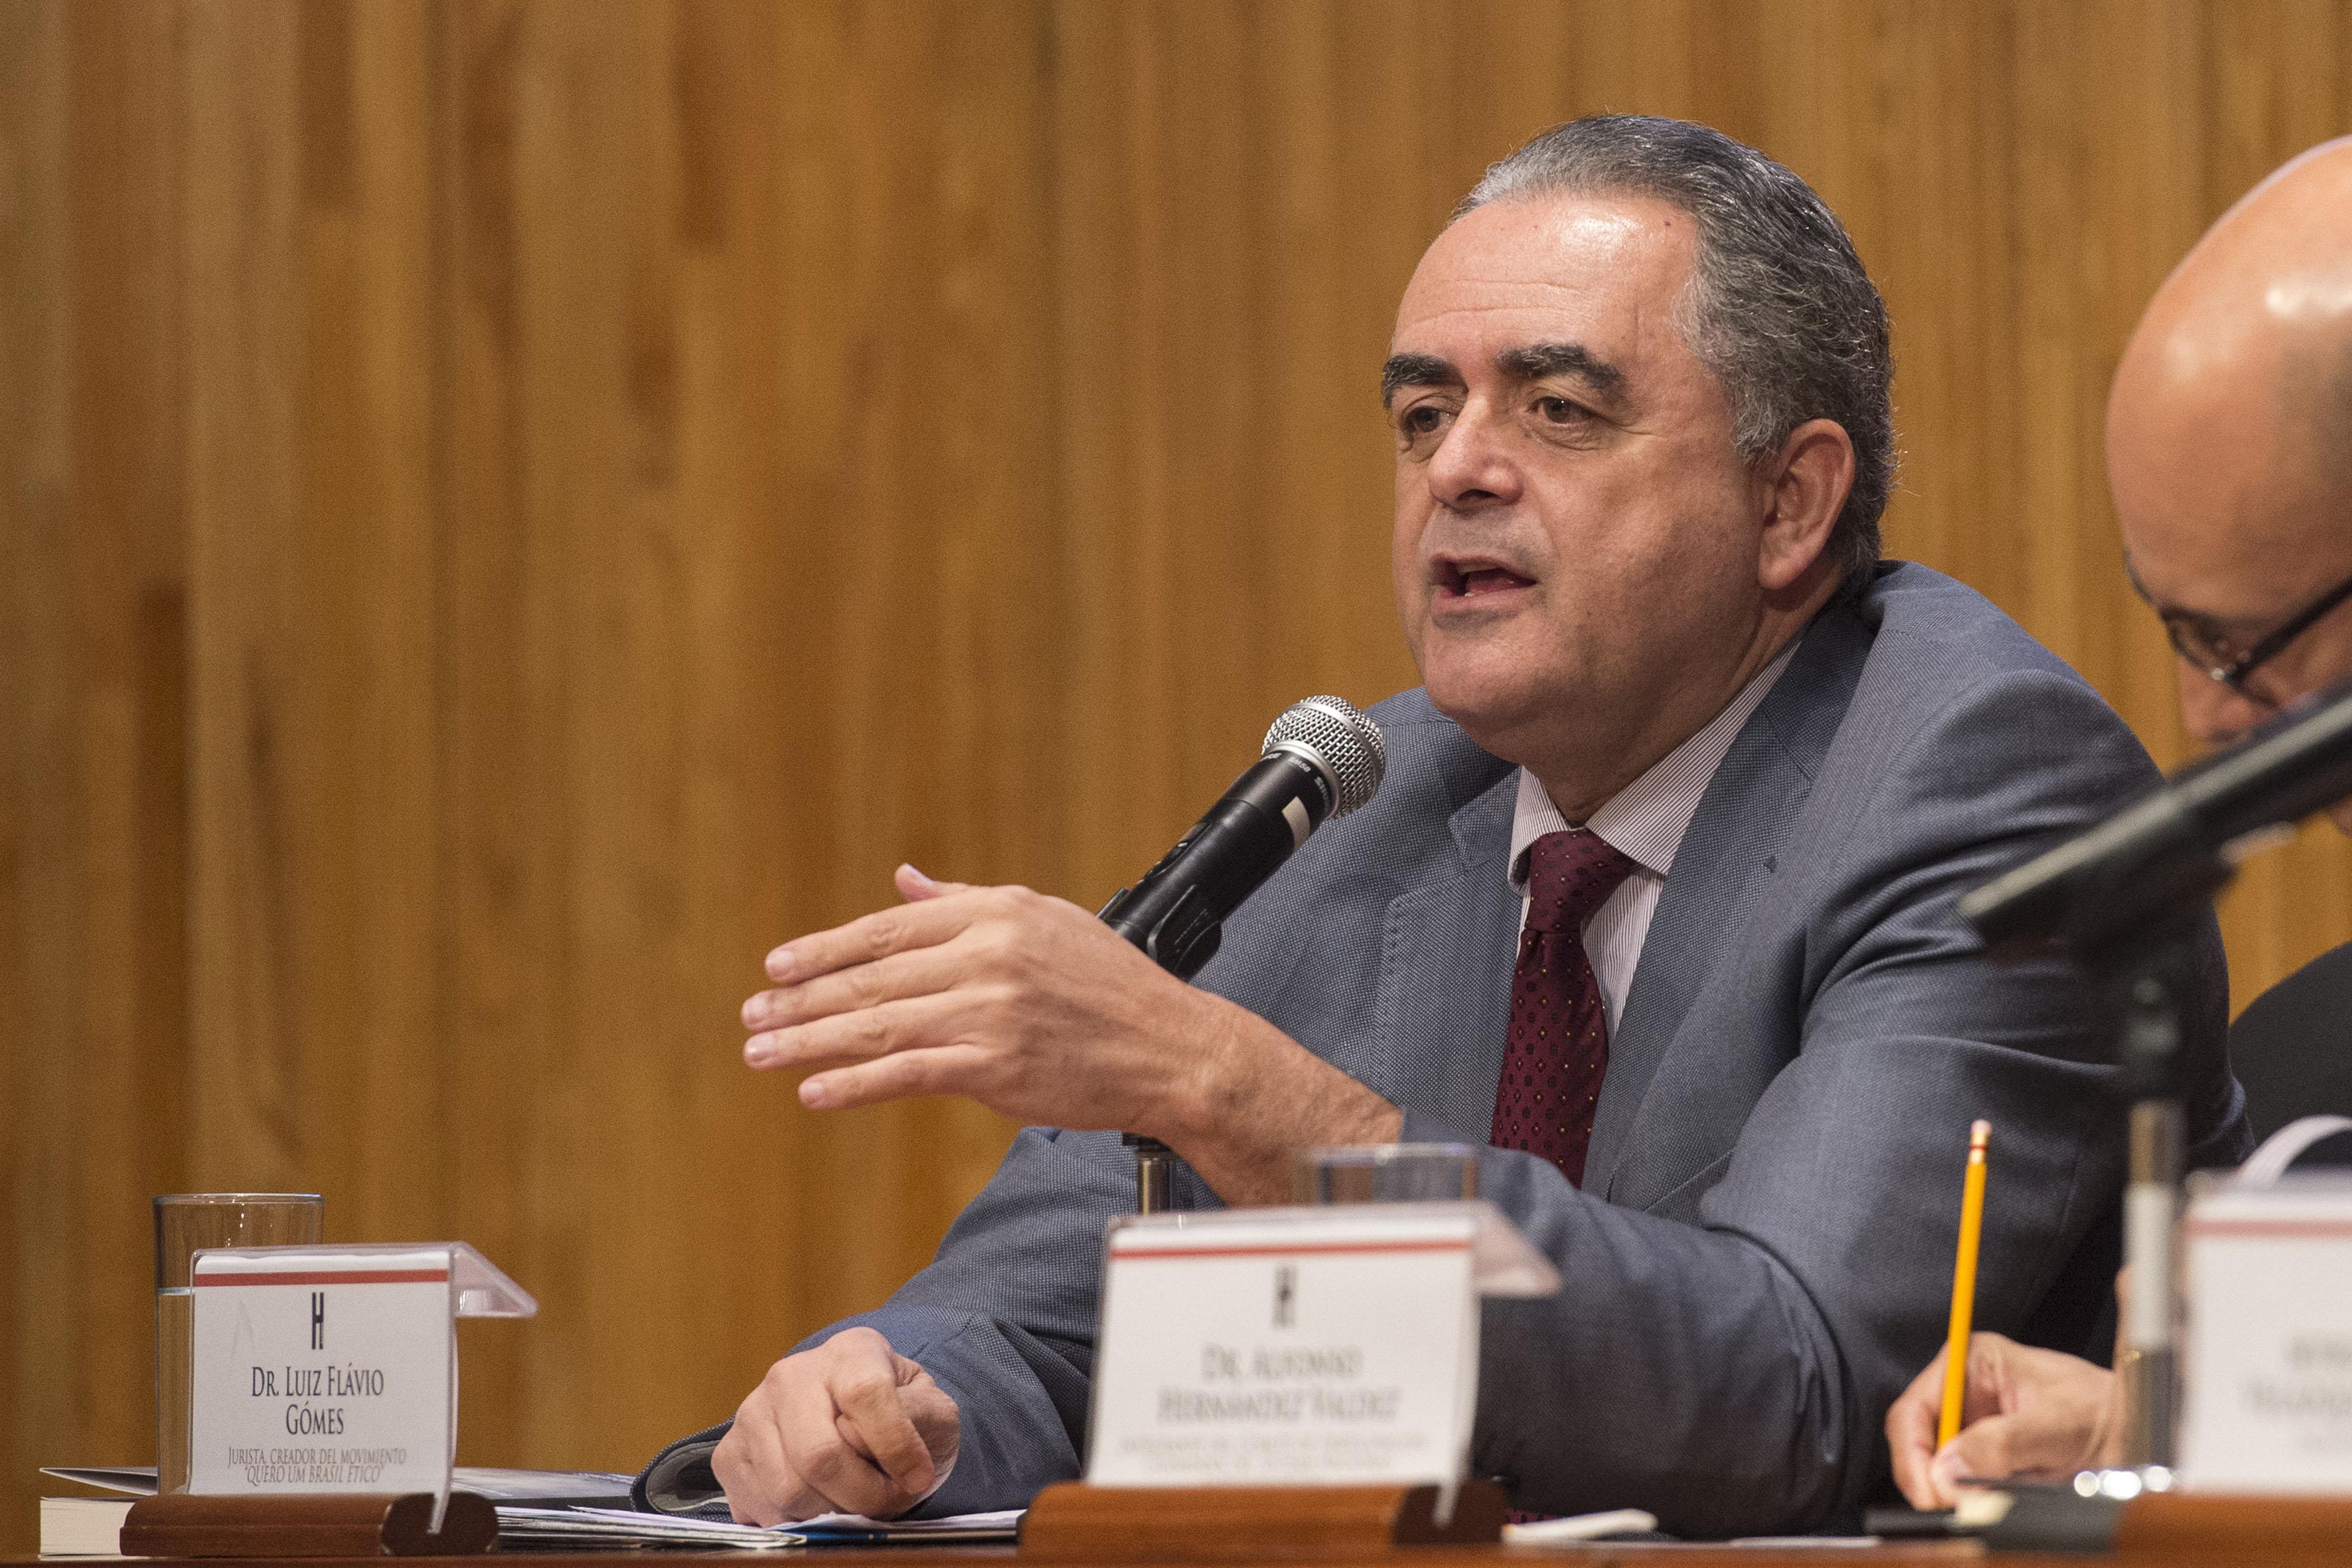 Dr. Luis Flavio Gomez haciendo uso de la palabra